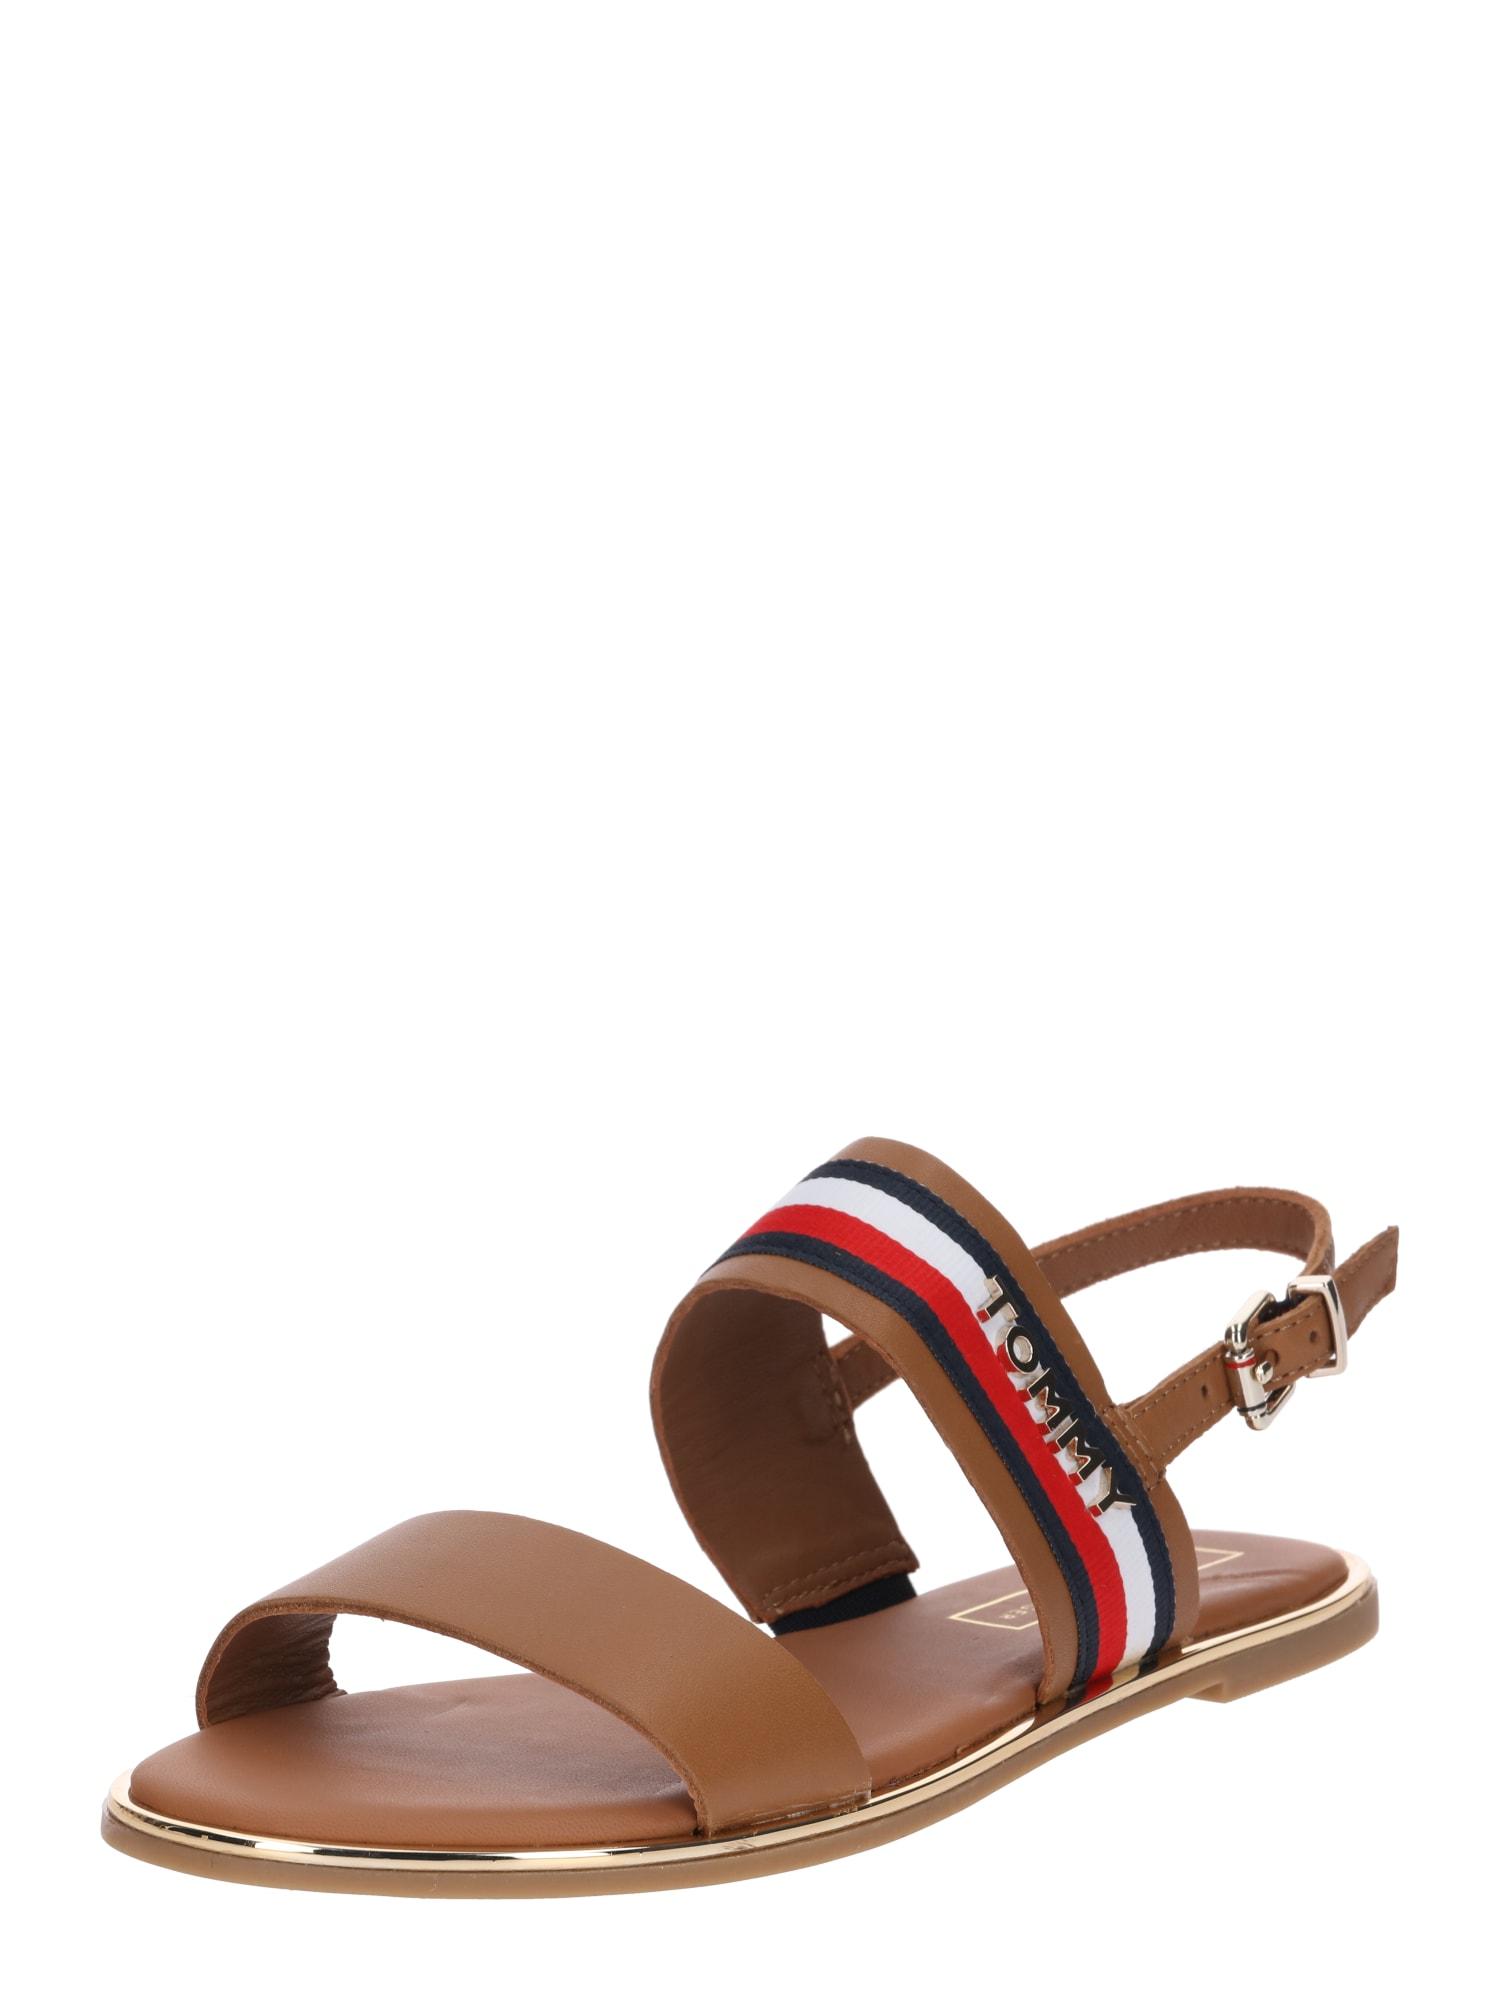 Páskové sandály Jennifer námořnická modř karamelová světle červená bílá TOMMY HILFIGER